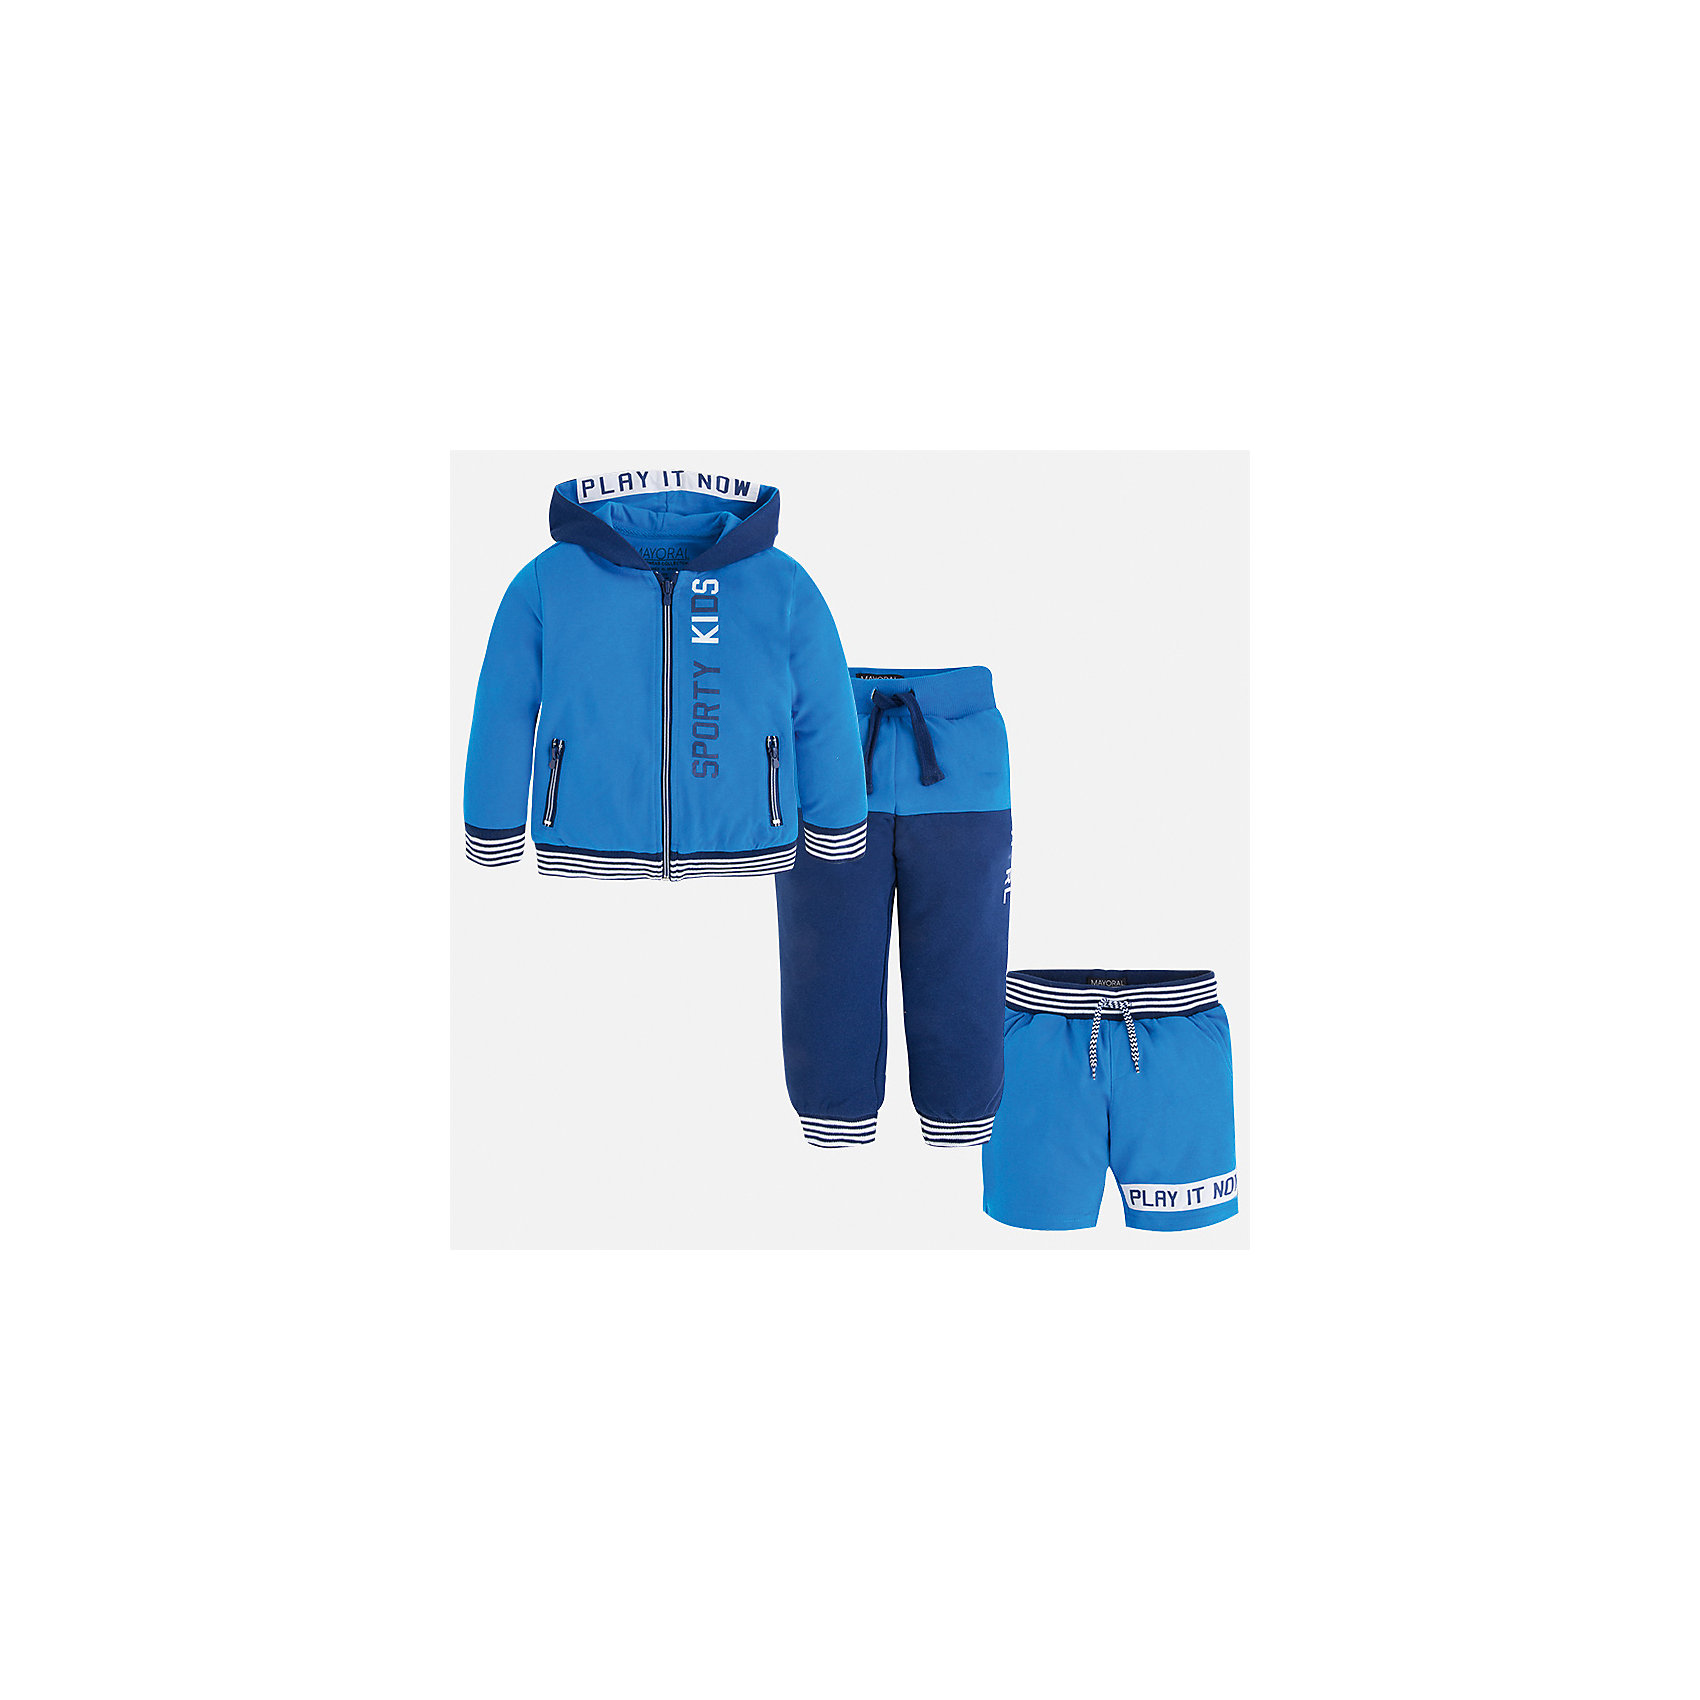 Спортивный костюм для мальчика MayoralКомплекты<br>Характеристики товара:<br><br>• цвет: голубой/синий<br>• состав: 60% хлопок, 40% полиэстер<br>• комплектация: курточка, штаны, шорты<br>• декорирован принтом<br>• карманы<br>• капюшон<br>• штаны, шорты - пояс на шнурке<br>• манжеты<br>• страна бренда: Испания<br><br>Стильный качественный спортивный костюм для мальчика поможет разнообразить гардероб ребенка и удобно одеться. Курточка, шорты и штаны отлично сочетаются с другими предметами. Универсальный цвет позволяет подобрать к вещам верхнюю одежду практически любой расцветки. Интересная отделка модели делает её нарядной и оригинальной. В составе материала - натуральный хлопок, гипоаллергенный, приятный на ощупь, дышащий.<br><br>Одежда, обувь и аксессуары от испанского бренда Mayoral полюбились детям и взрослым по всему миру. Модели этой марки - стильные и удобные. Для их производства используются только безопасные, качественные материалы и фурнитура. Порадуйте ребенка модными и красивыми вещами от Mayoral! <br><br>Спортивный костюм для мальчика от испанского бренда Mayoral (Майорал) можно купить в нашем интернет-магазине.<br><br>Ширина мм: 247<br>Глубина мм: 16<br>Высота мм: 140<br>Вес г: 225<br>Цвет: синий<br>Возраст от месяцев: 36<br>Возраст до месяцев: 48<br>Пол: Мужской<br>Возраст: Детский<br>Размер: 104,98,92,134,128,122,116,110<br>SKU: 5281216